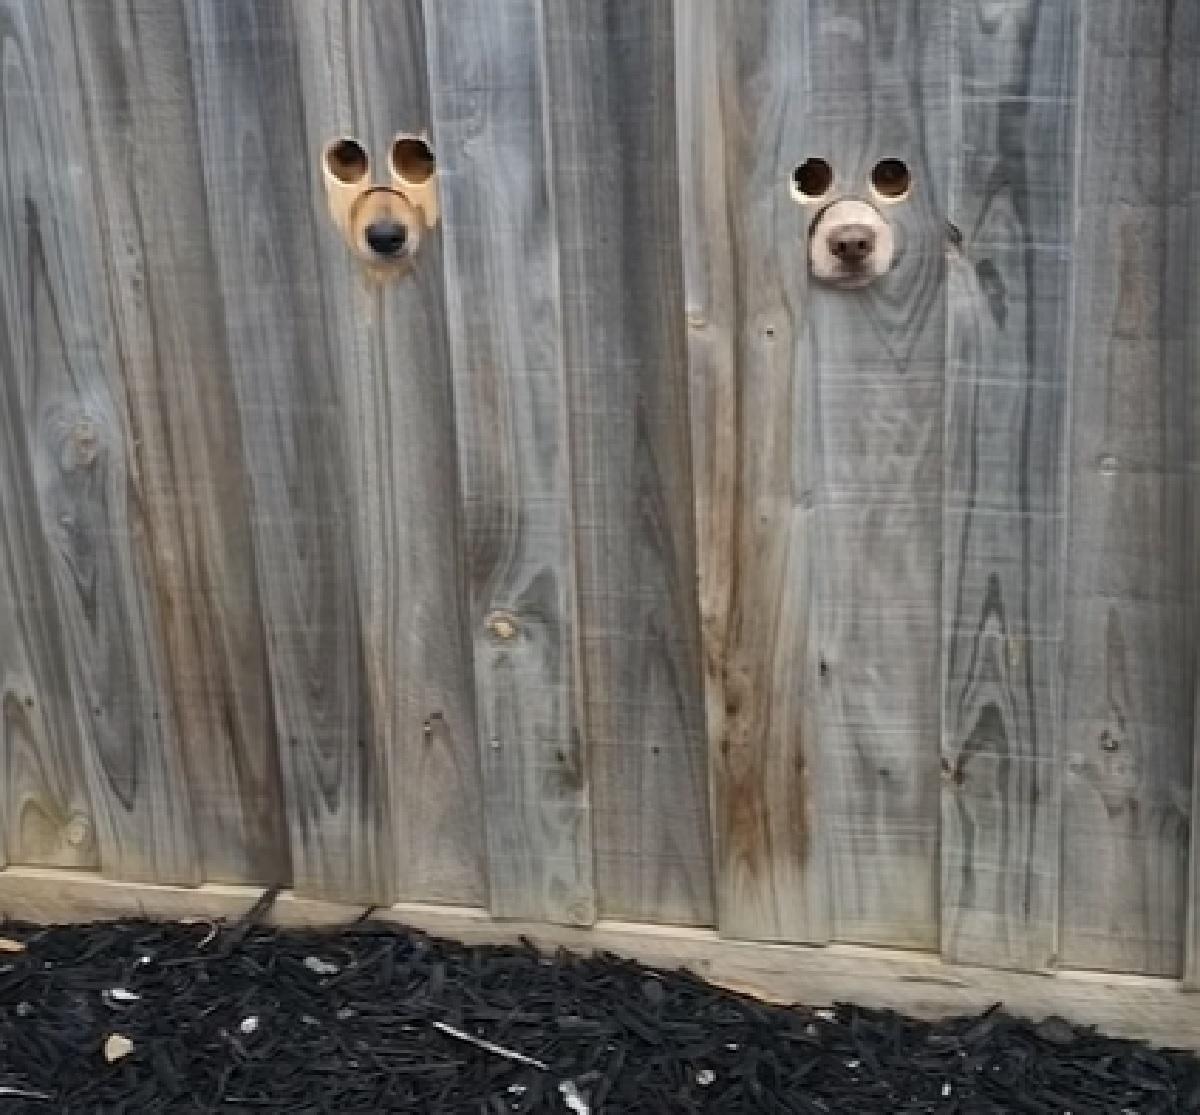 I cuccioli di cane si affacciano dai buchi della staccionata, il video è qualcosa di imperdibile